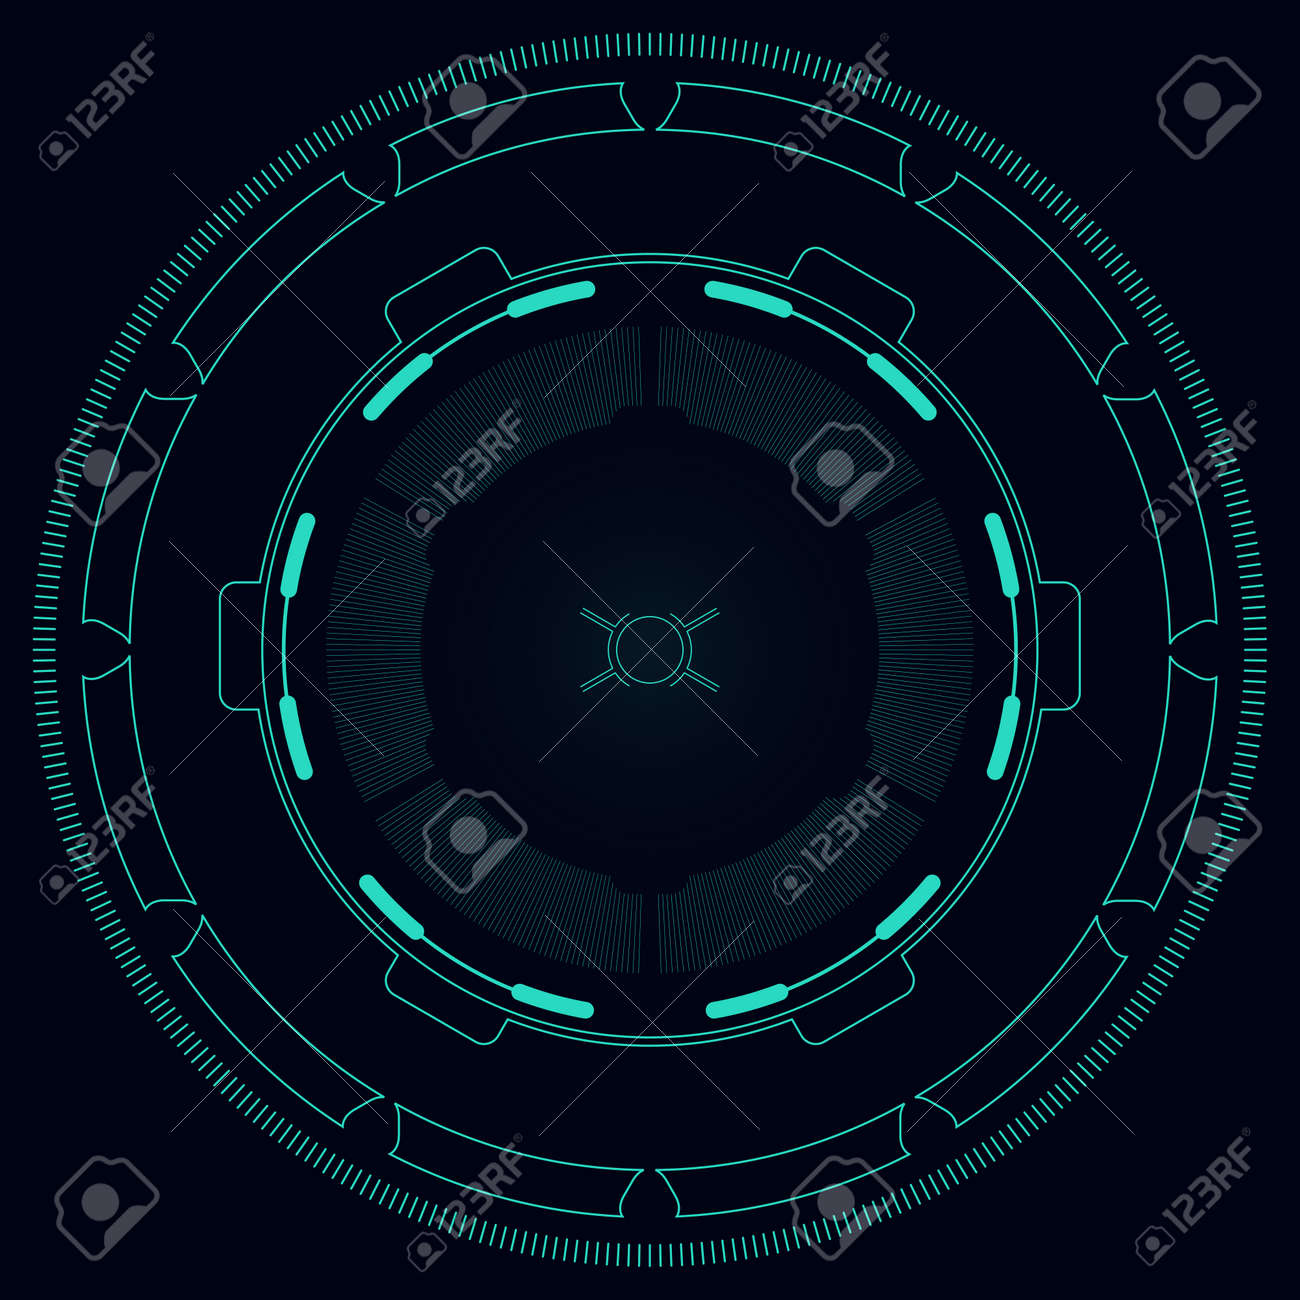 Hi-tech target for video games illustration. - 92393646